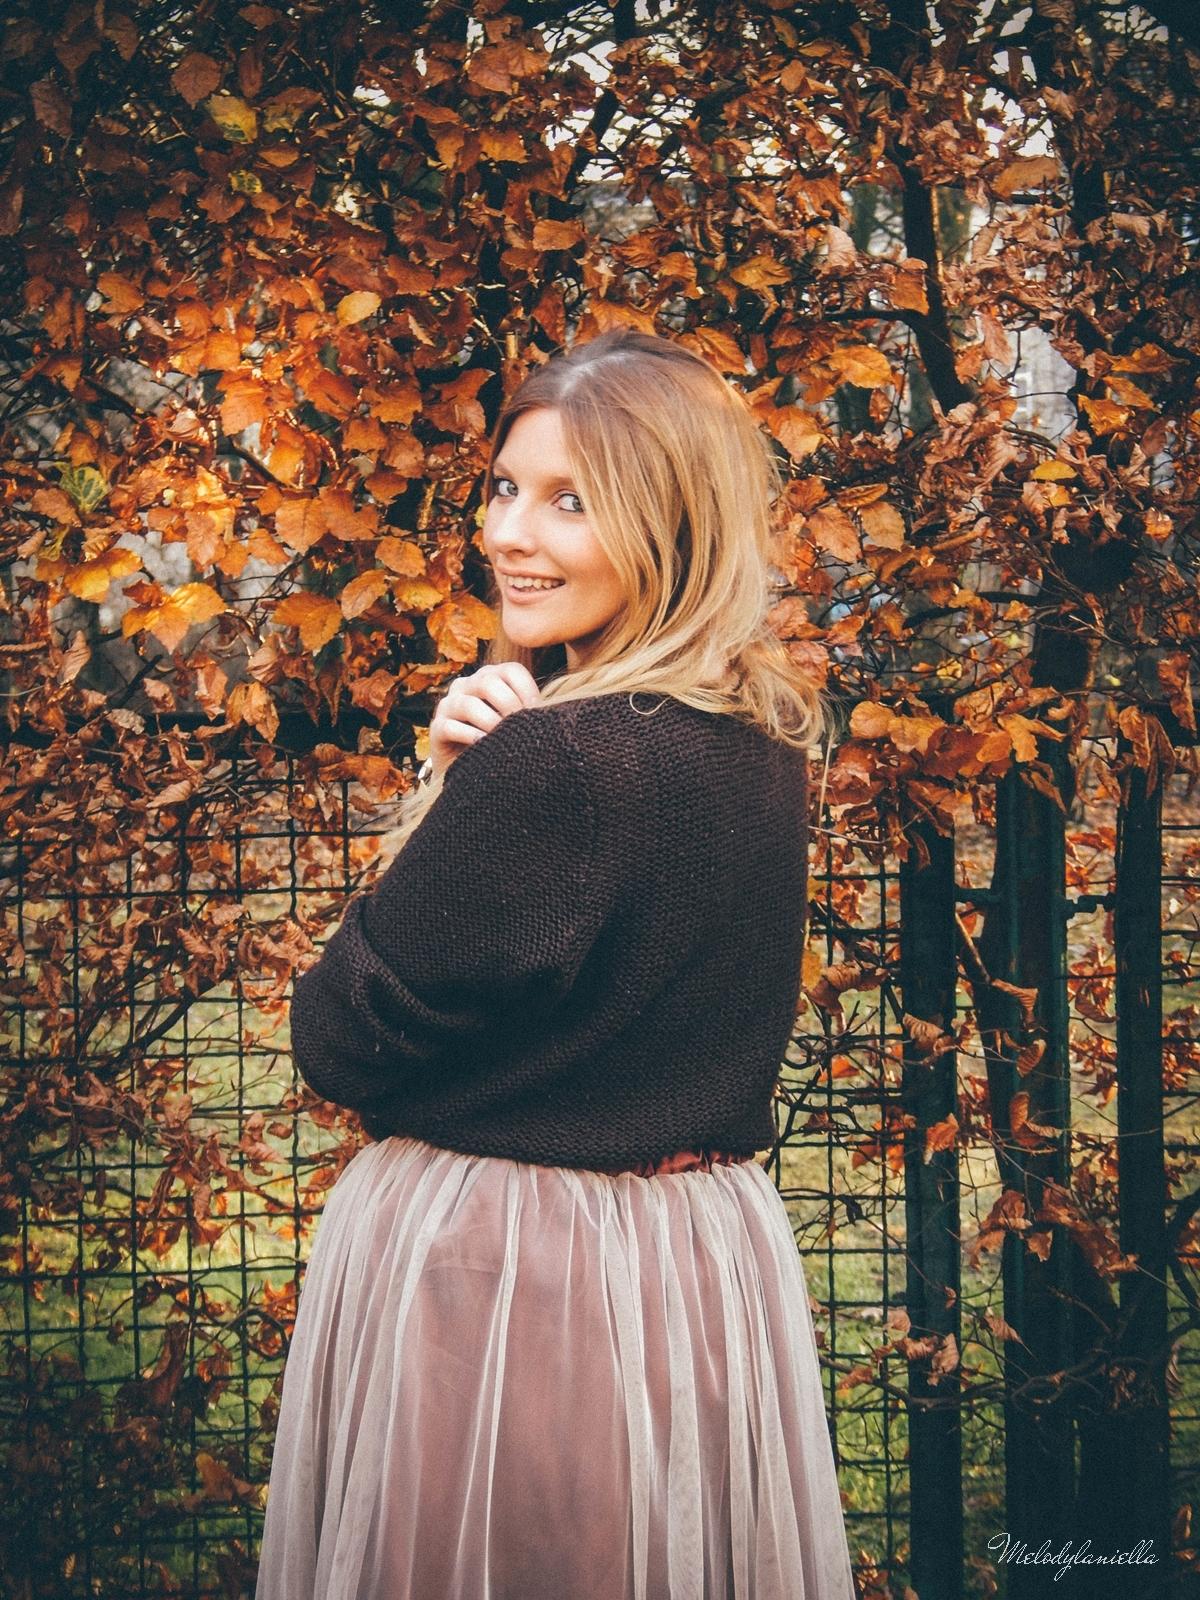 2. jesienna stylizacja tutu tiulowa spódnica dla dorosłych brązowy sweter torebka manzana melodylaniella autumn style fashion ciekawa stylizacja na jesień brązowa spódnica.jpg tiul